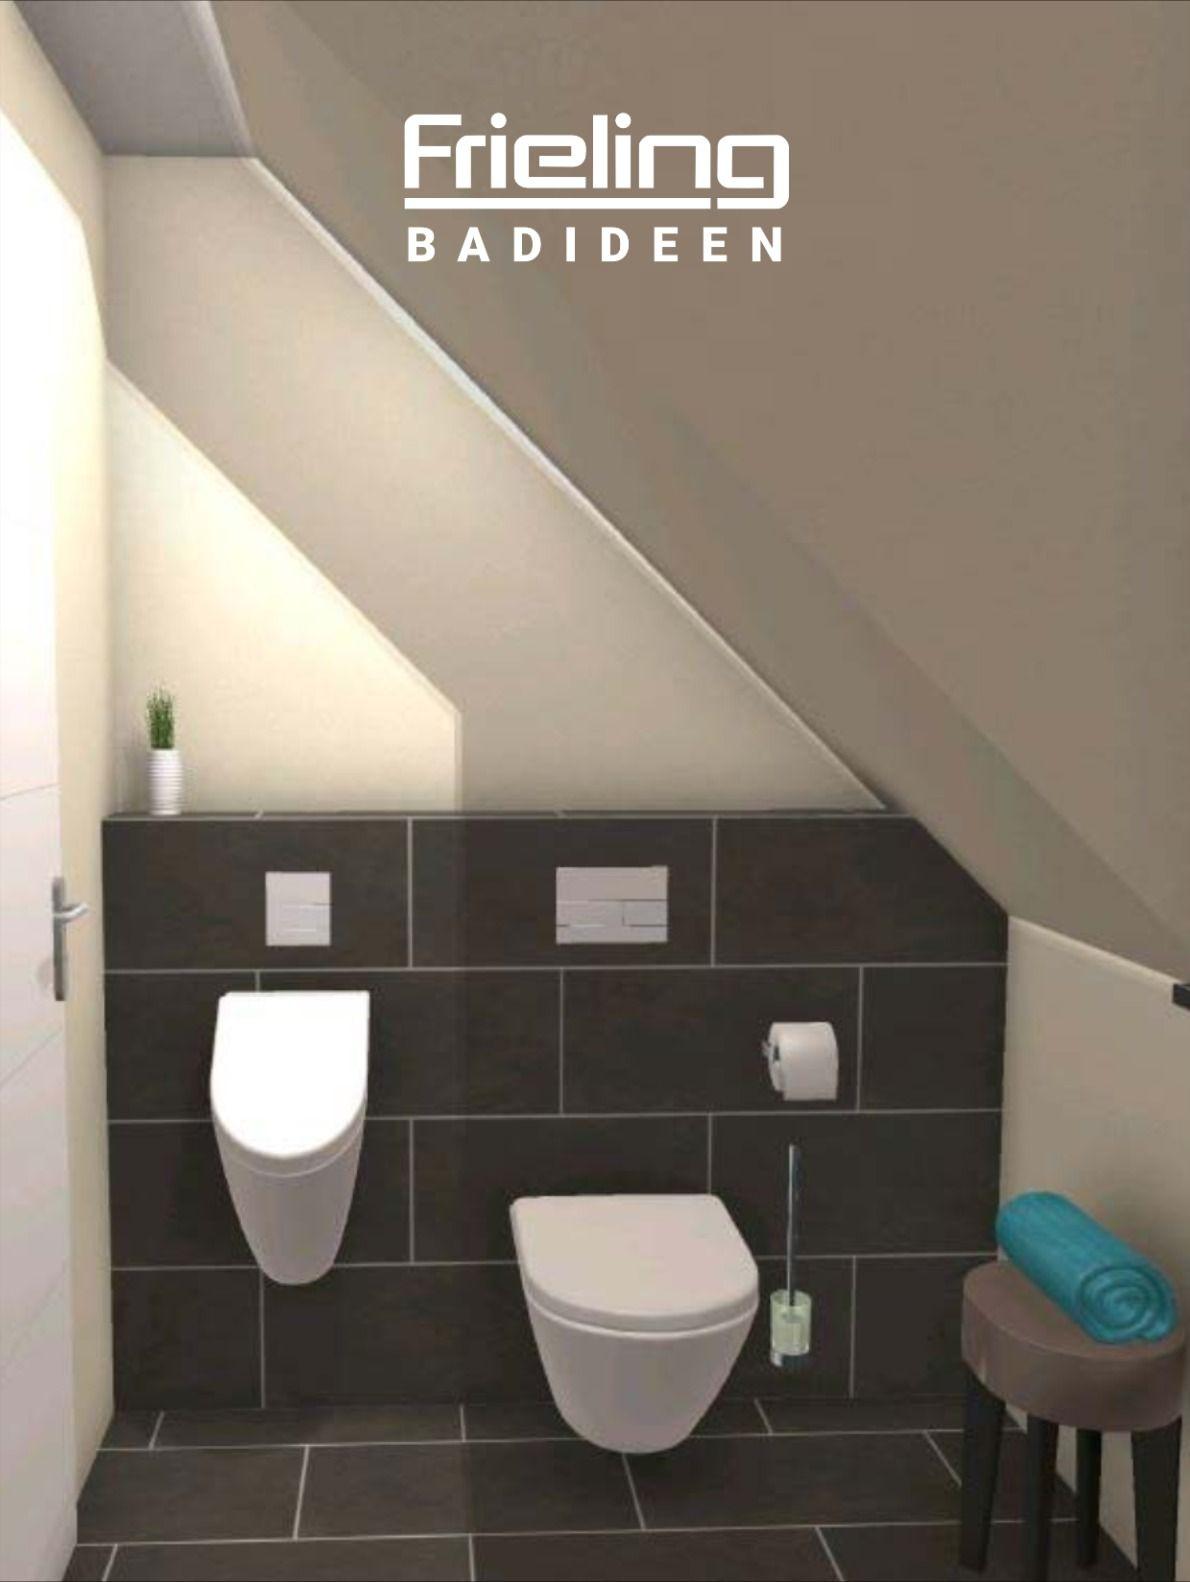 Problem Schrage Gibt Es Nicht Das Gaste Wc Mit Schrage 3d Planung Ansicht Auf Urinal Wc In 2020 Gaste Wc Kleine Fliesen Wand Wc